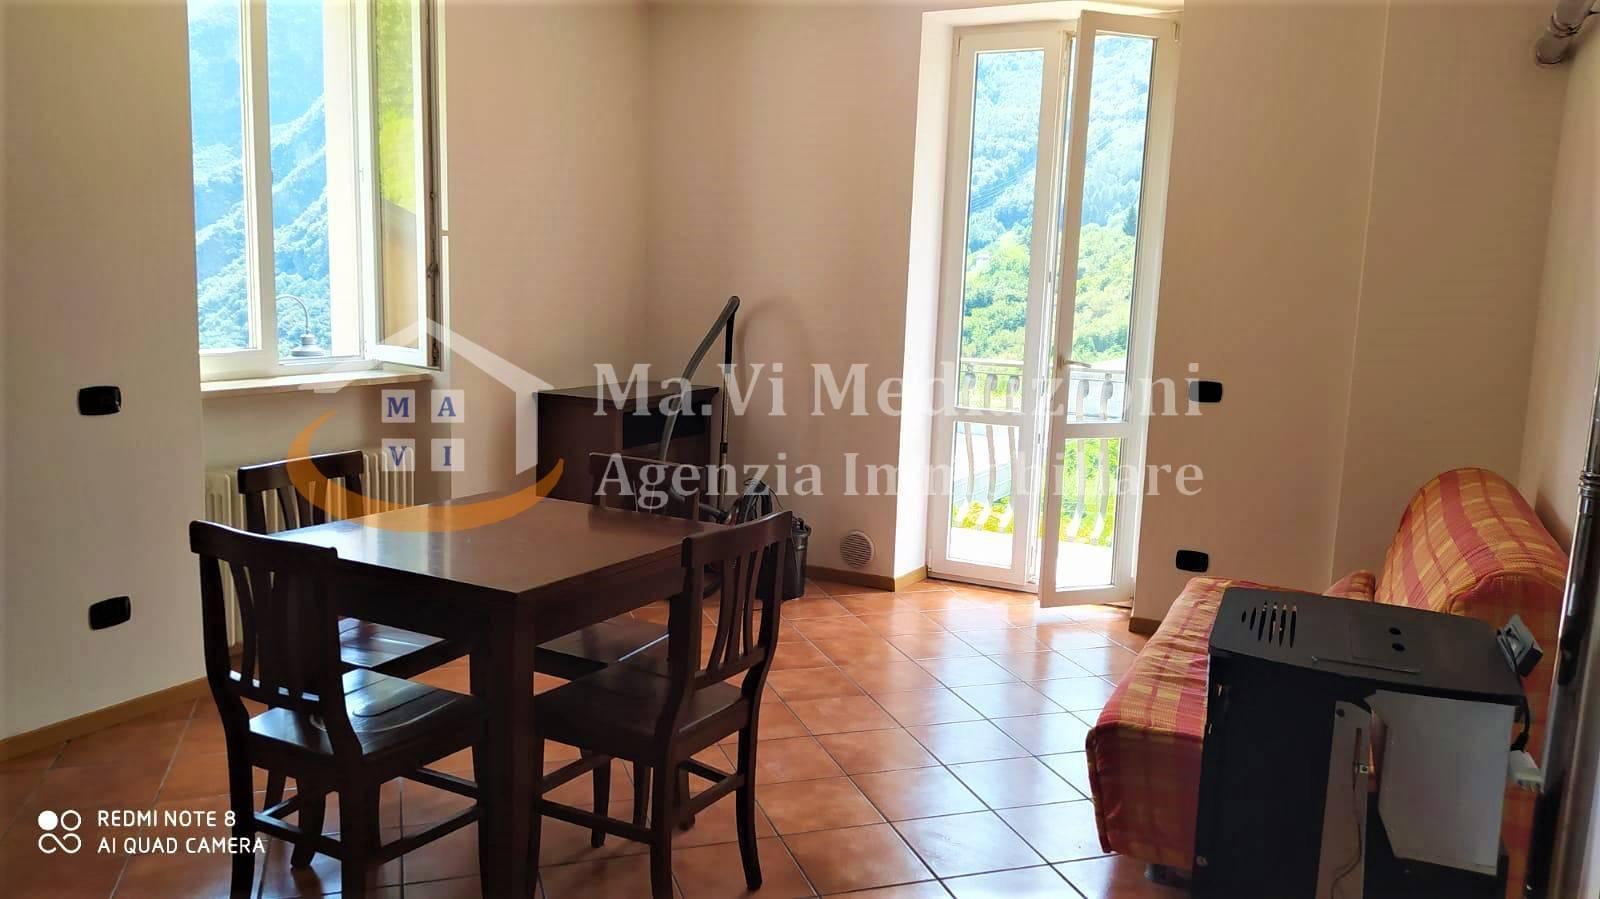 Appartamento in affitto a Molina di Ledro, 2 locali, prezzo € 500 | CambioCasa.it